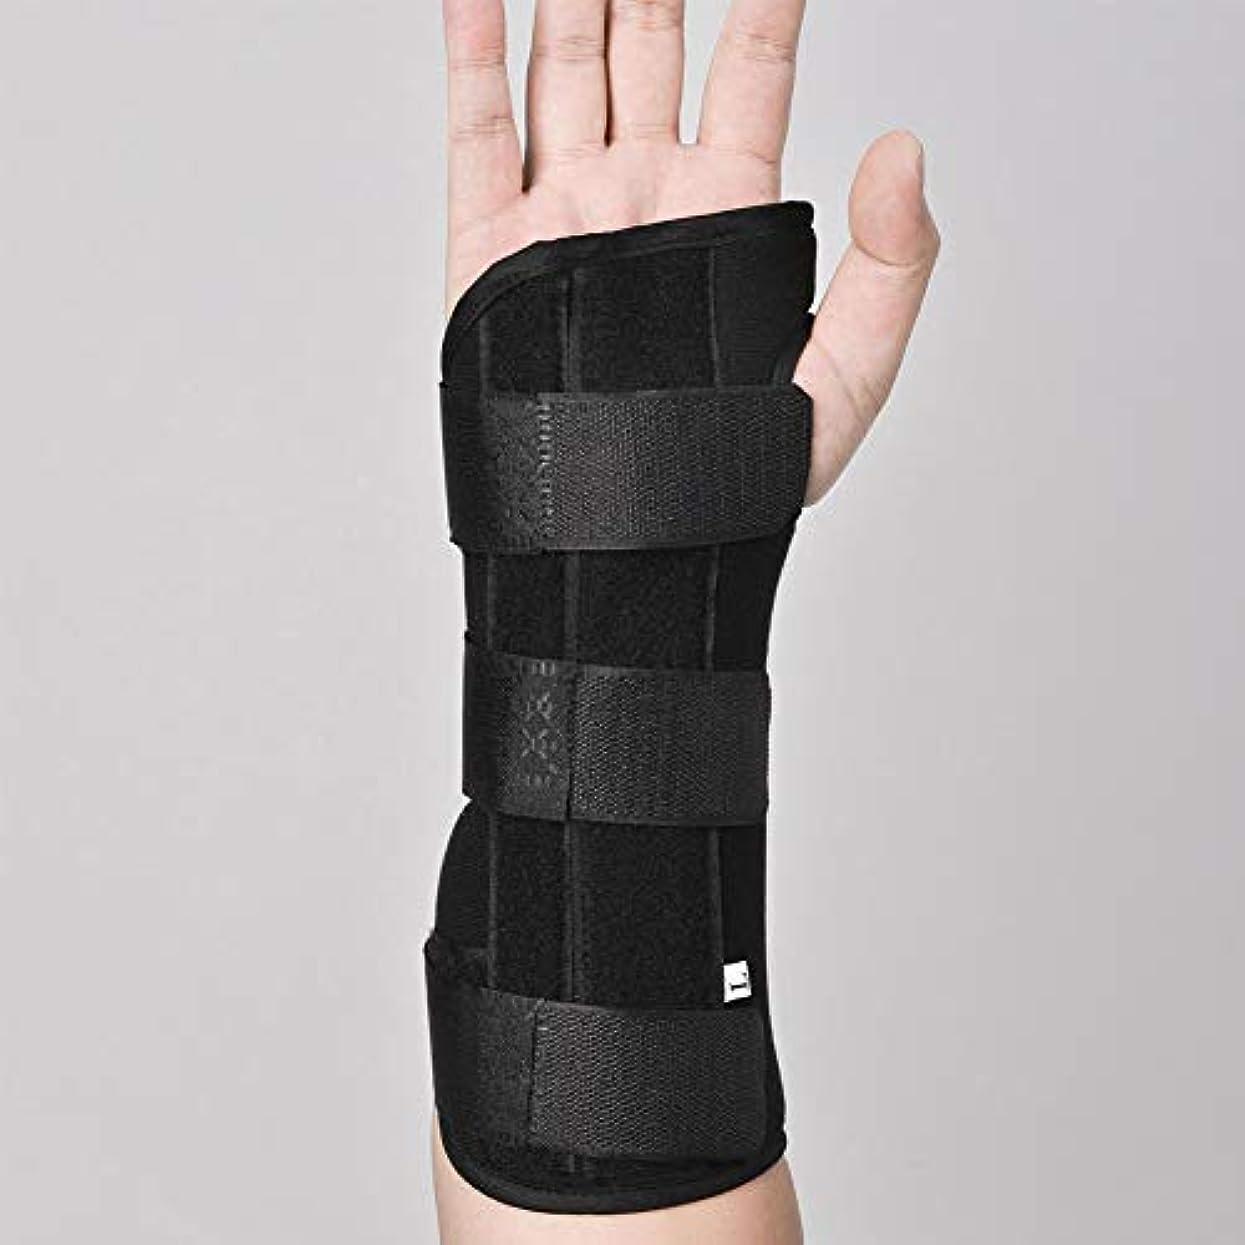 速度可動識別捻挫および成人用に適した関節炎のためのアルミニウム副木矯正ストラップ痛み緩和と手首の関節,Lefthand,S